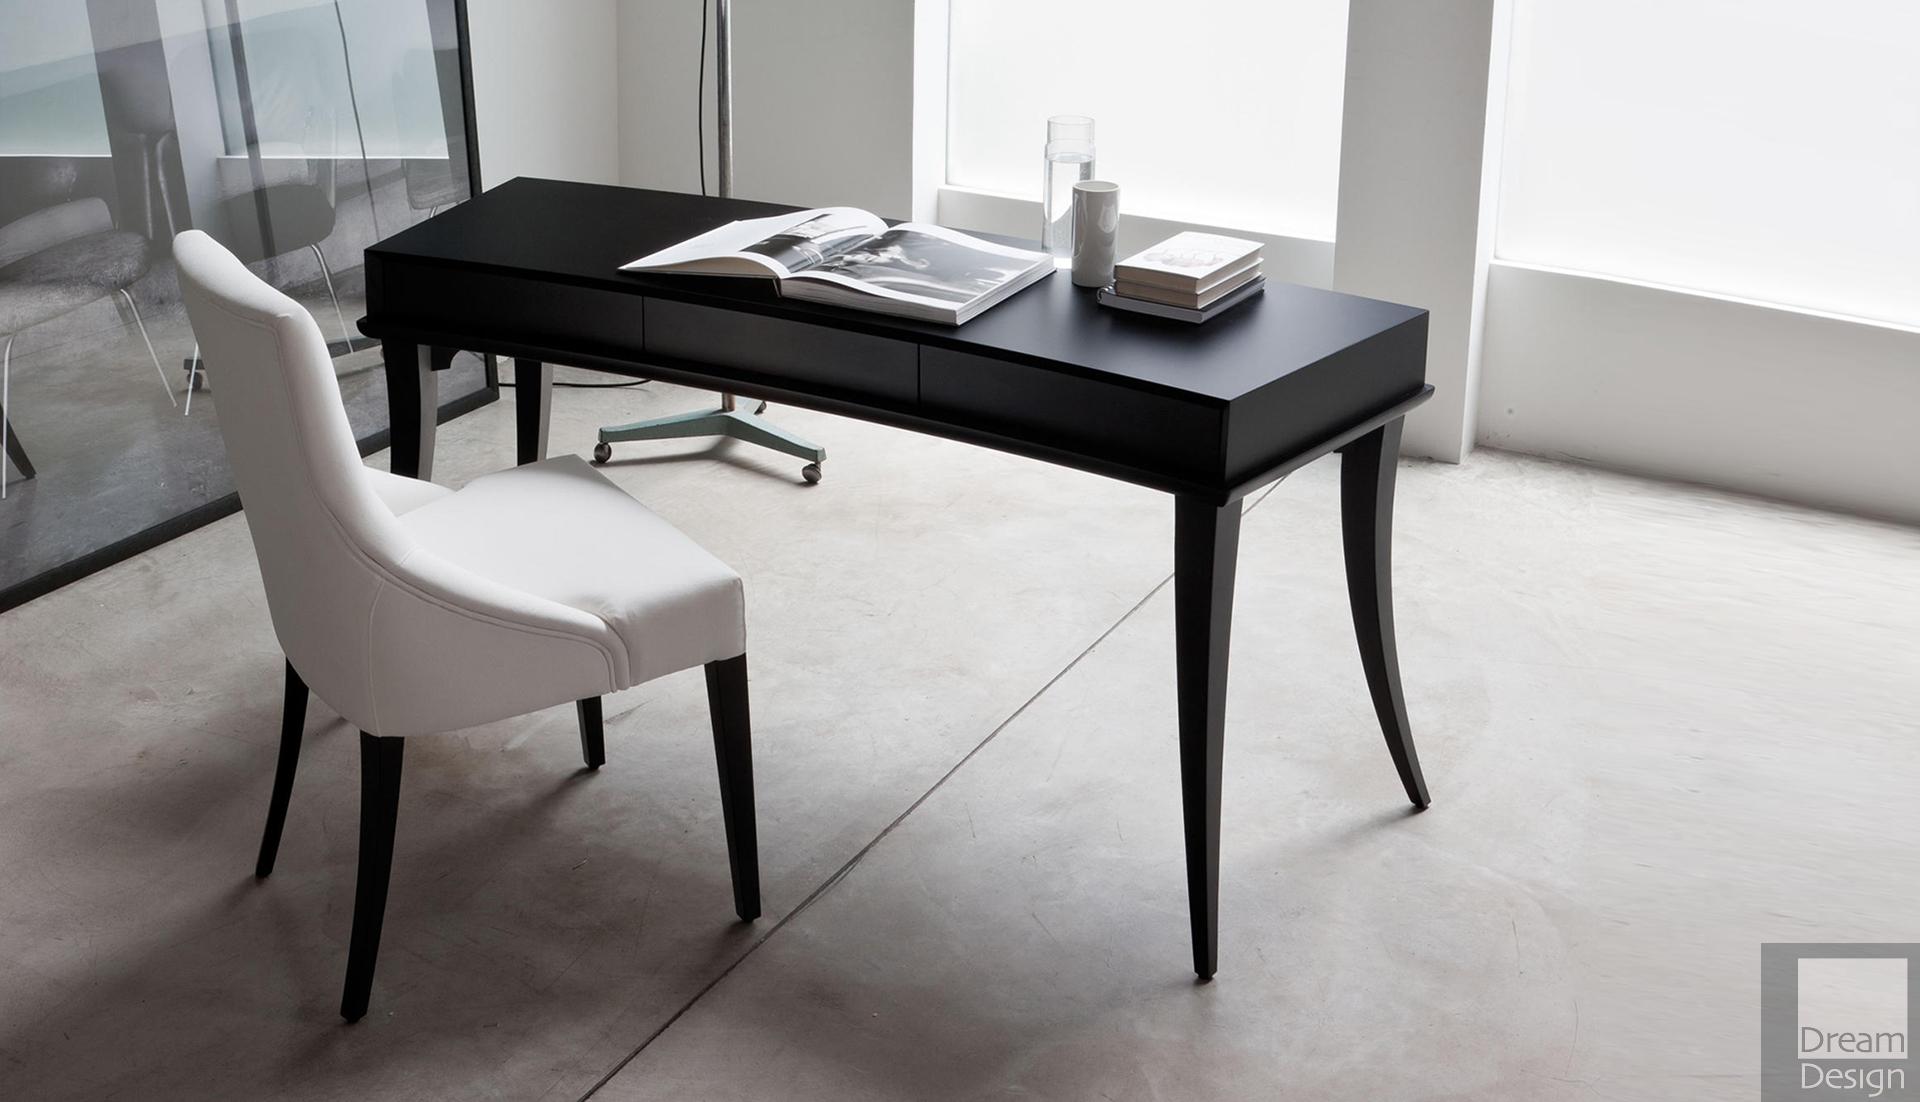 Porada hug desk dream design interiors ltd for Porada beauty dressing table